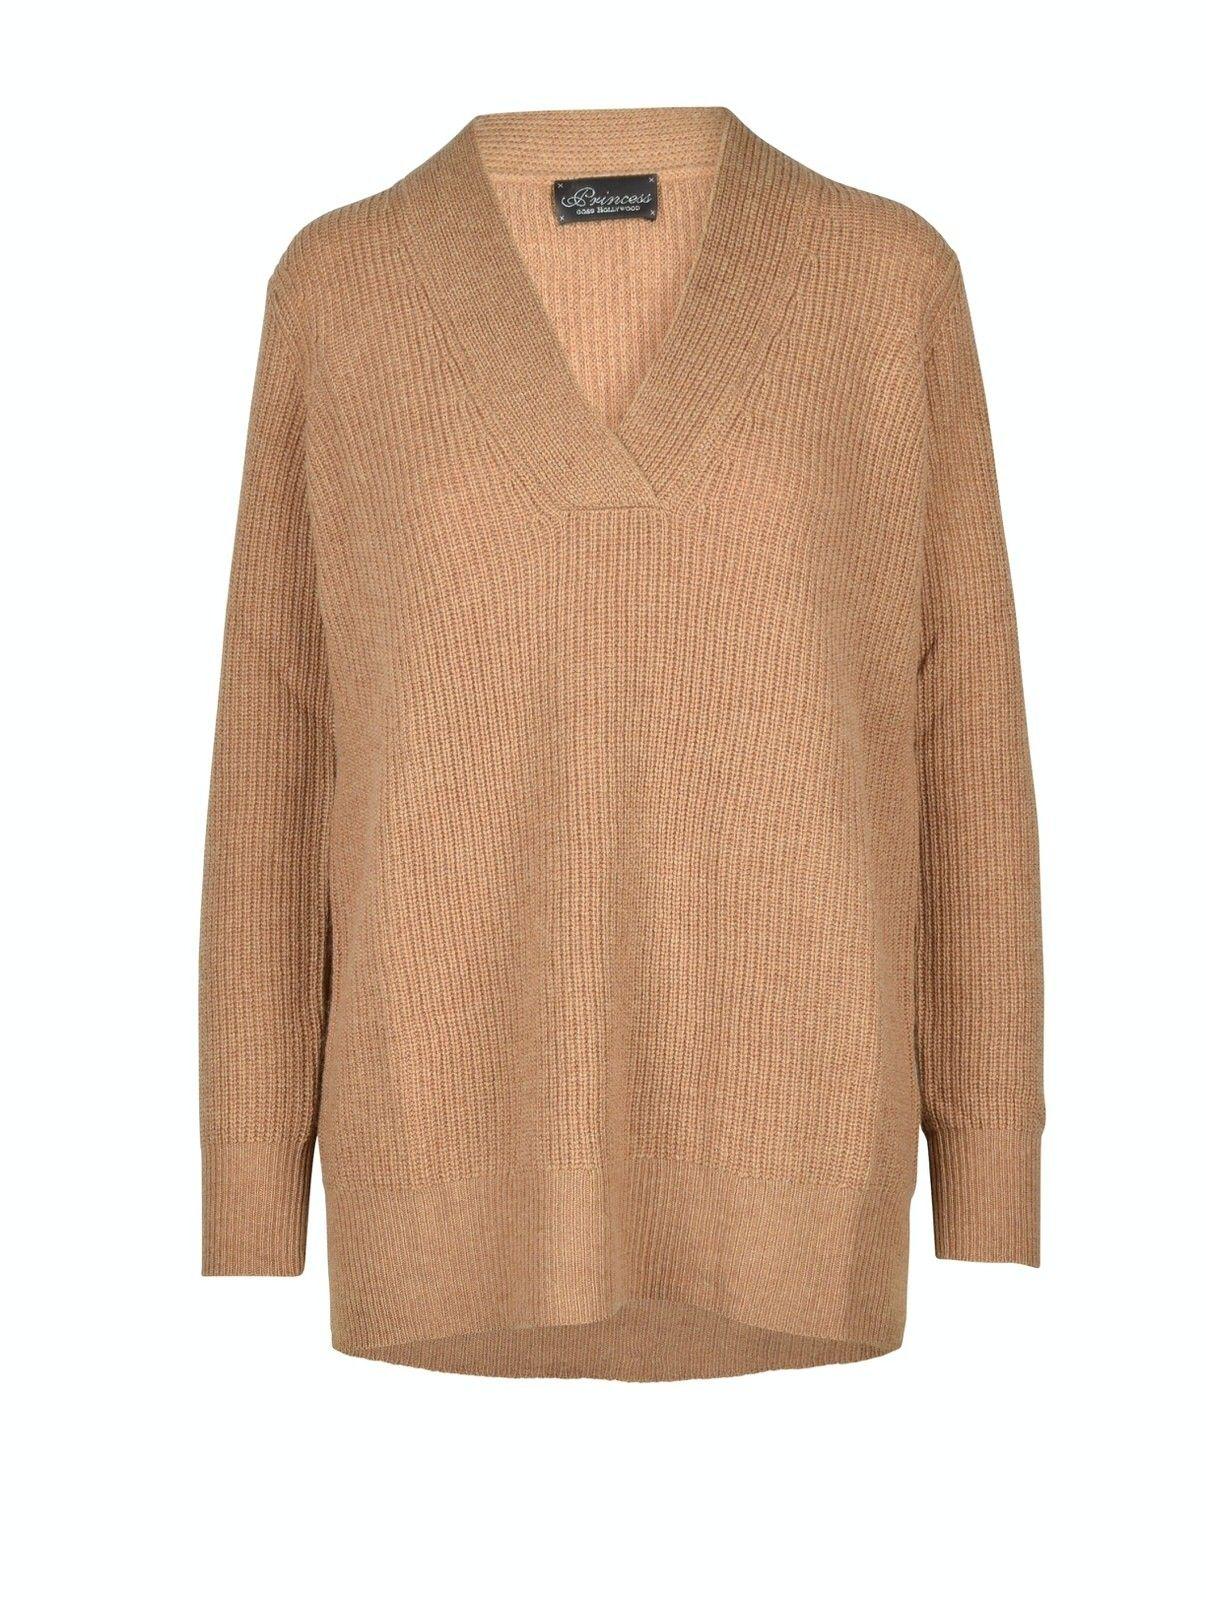 PRINCESS - Damen Long Pullover Basic - Macaroon